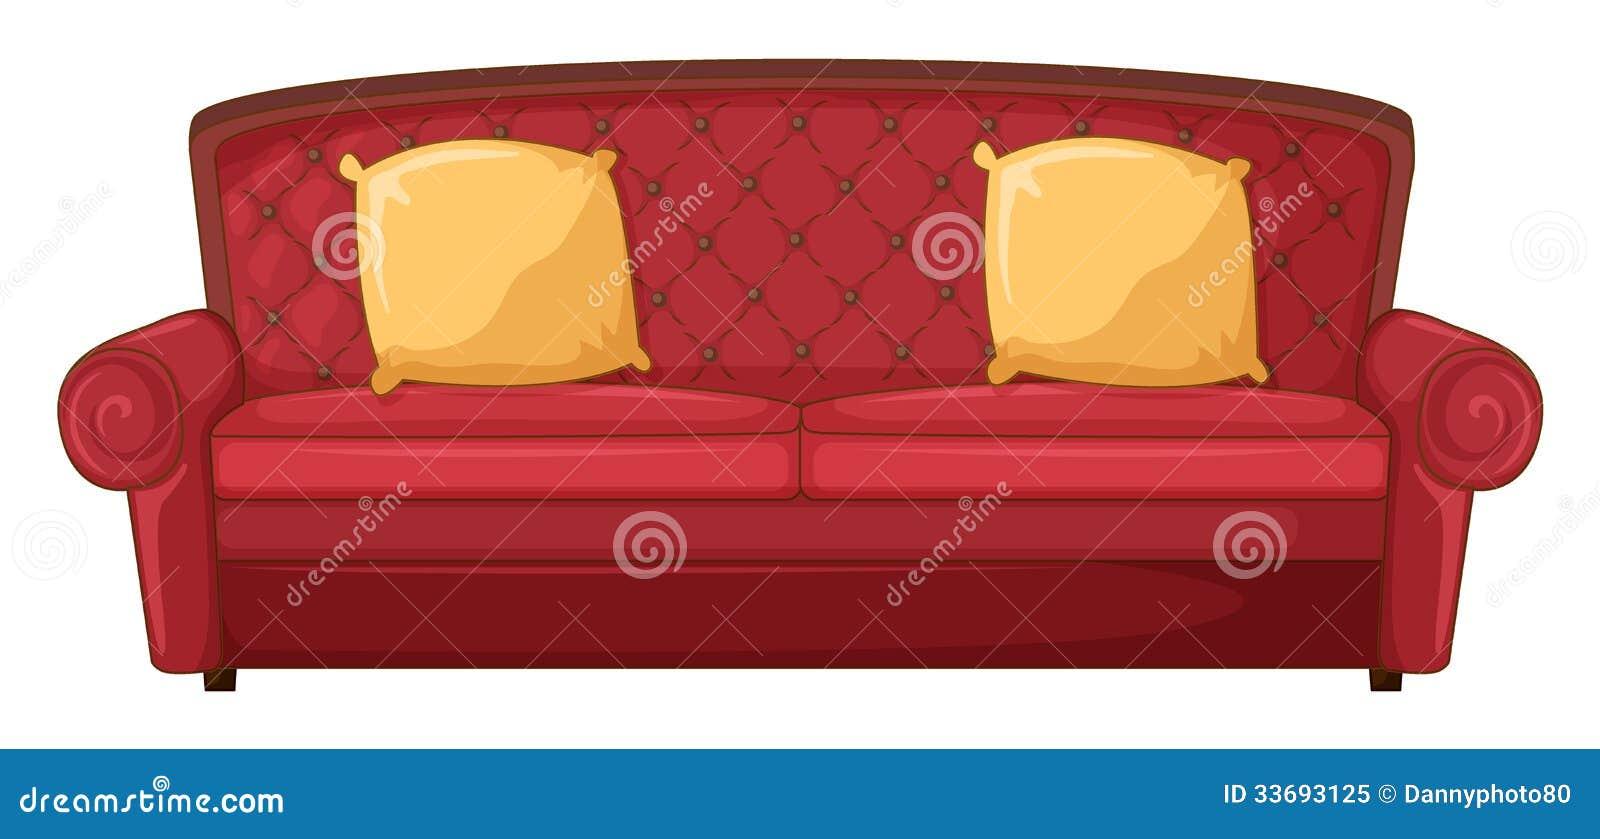 un sofa rouge et des coussins jaunes illustration stock image 33693125. Black Bedroom Furniture Sets. Home Design Ideas